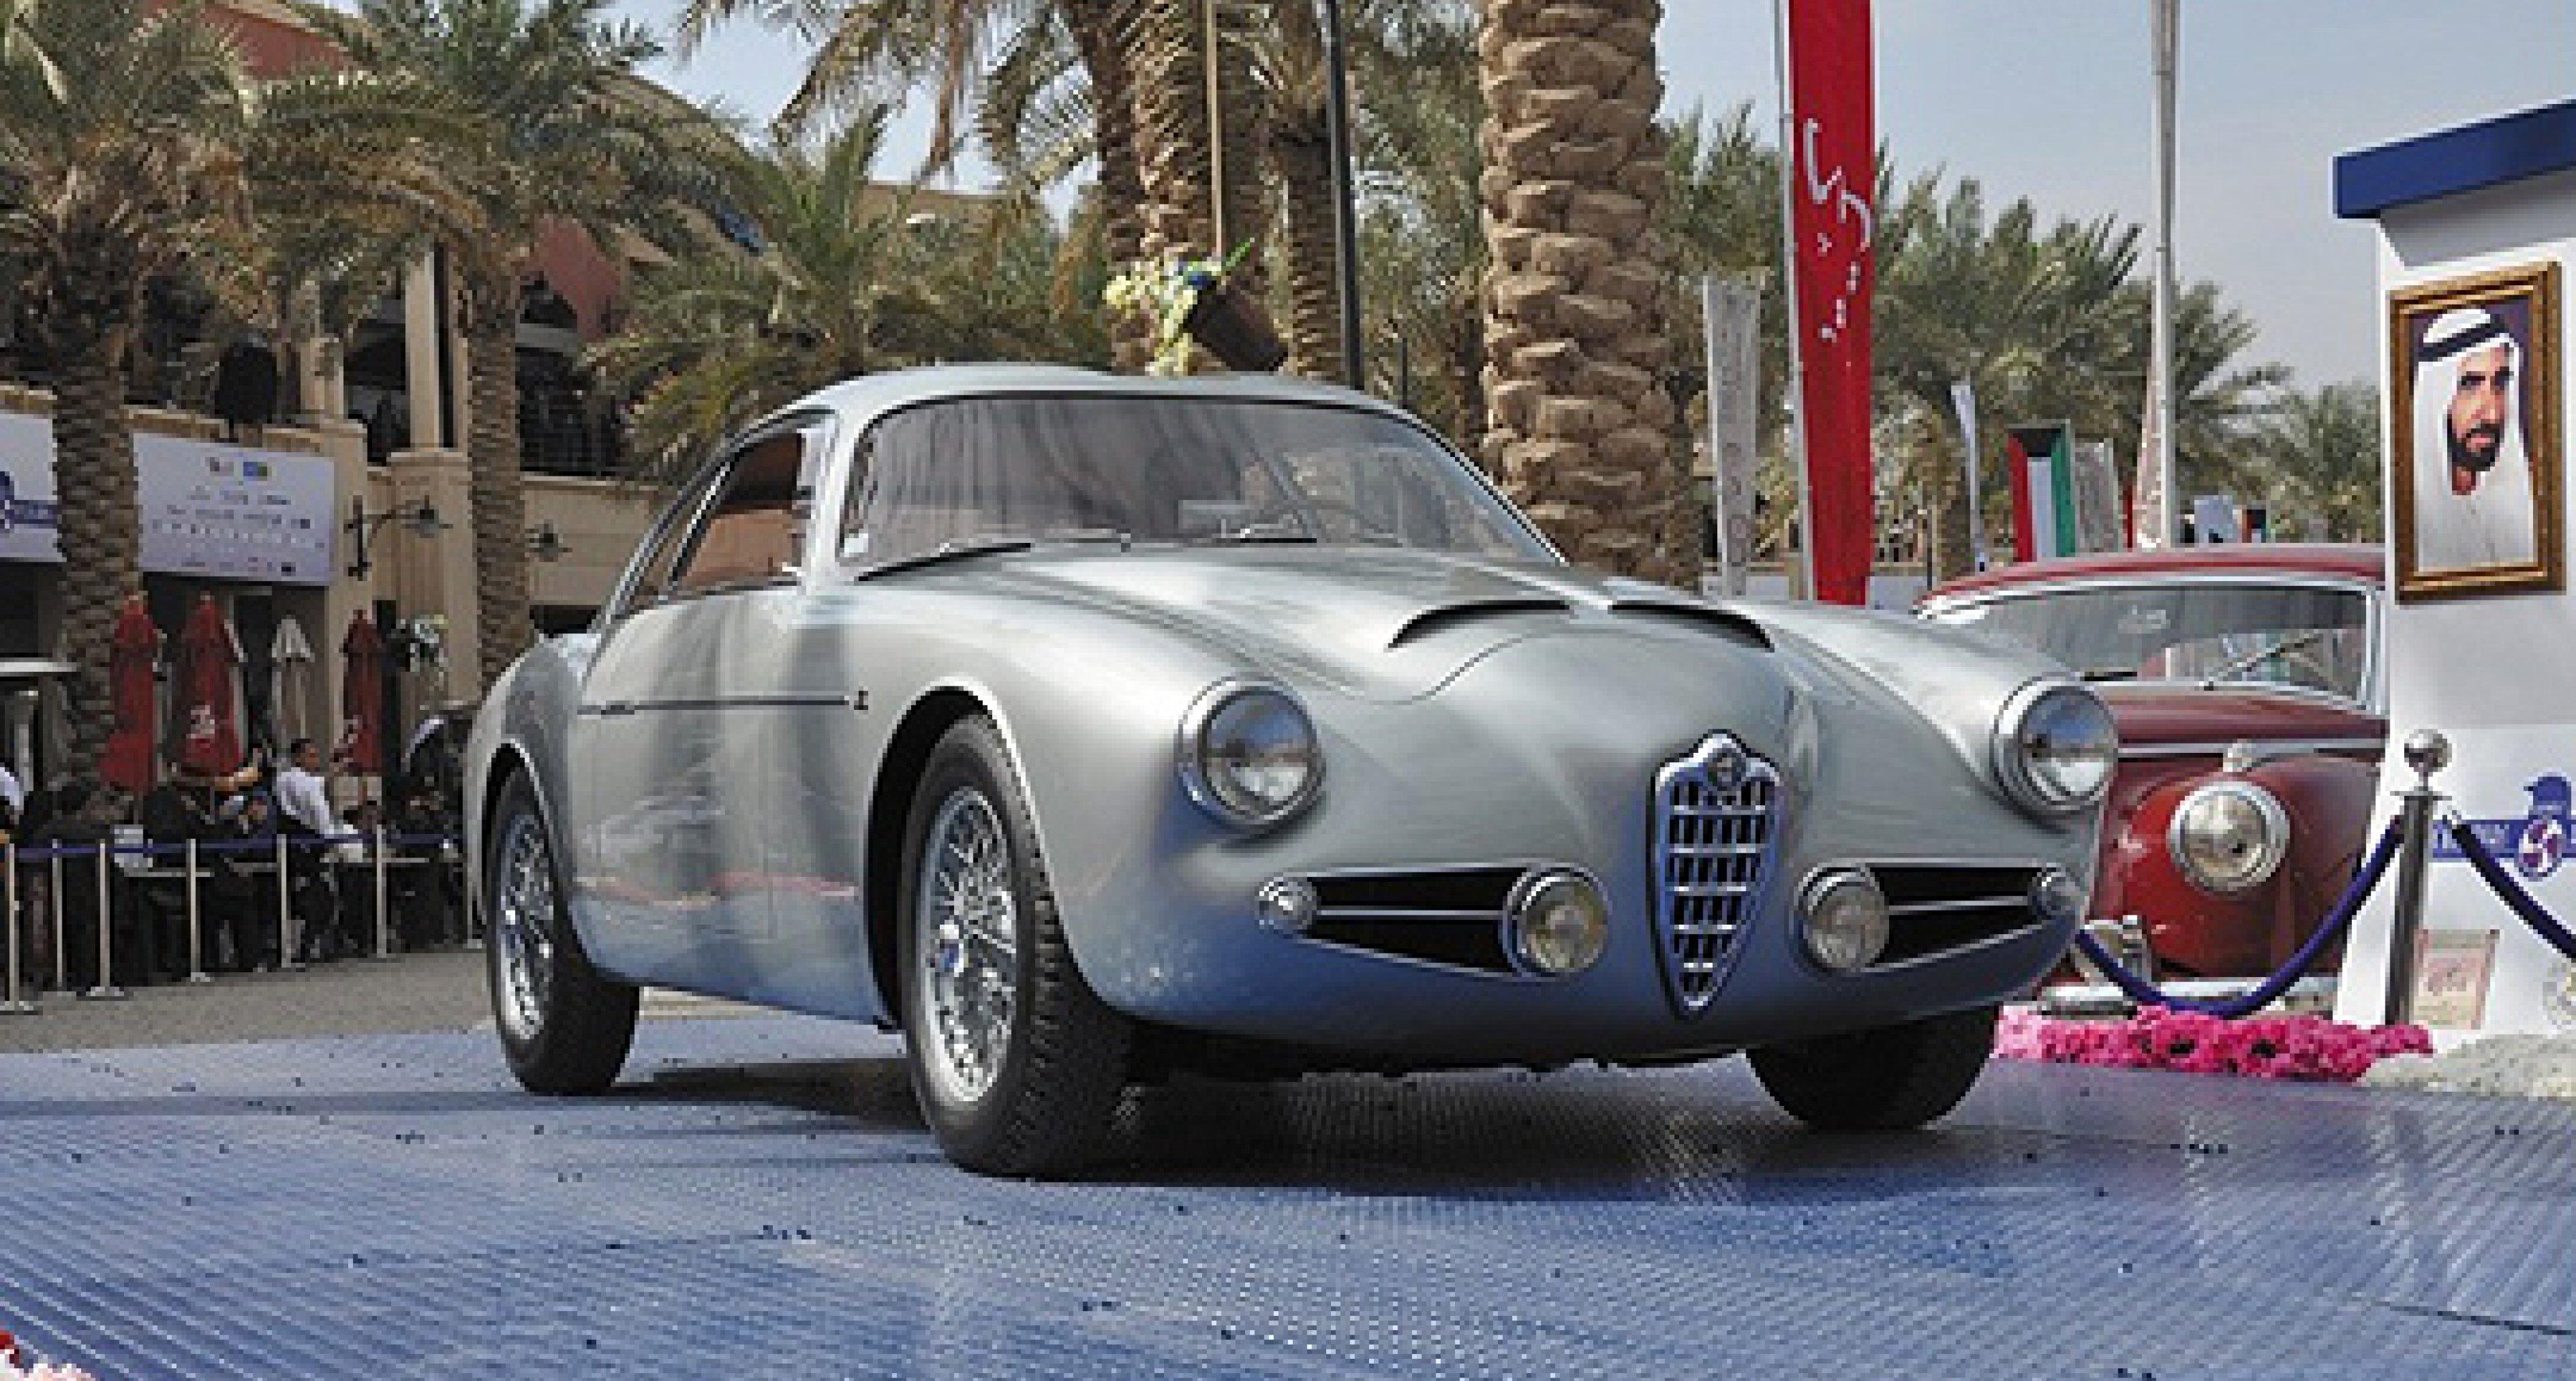 Kuwait Concours d'Elegance 2012: